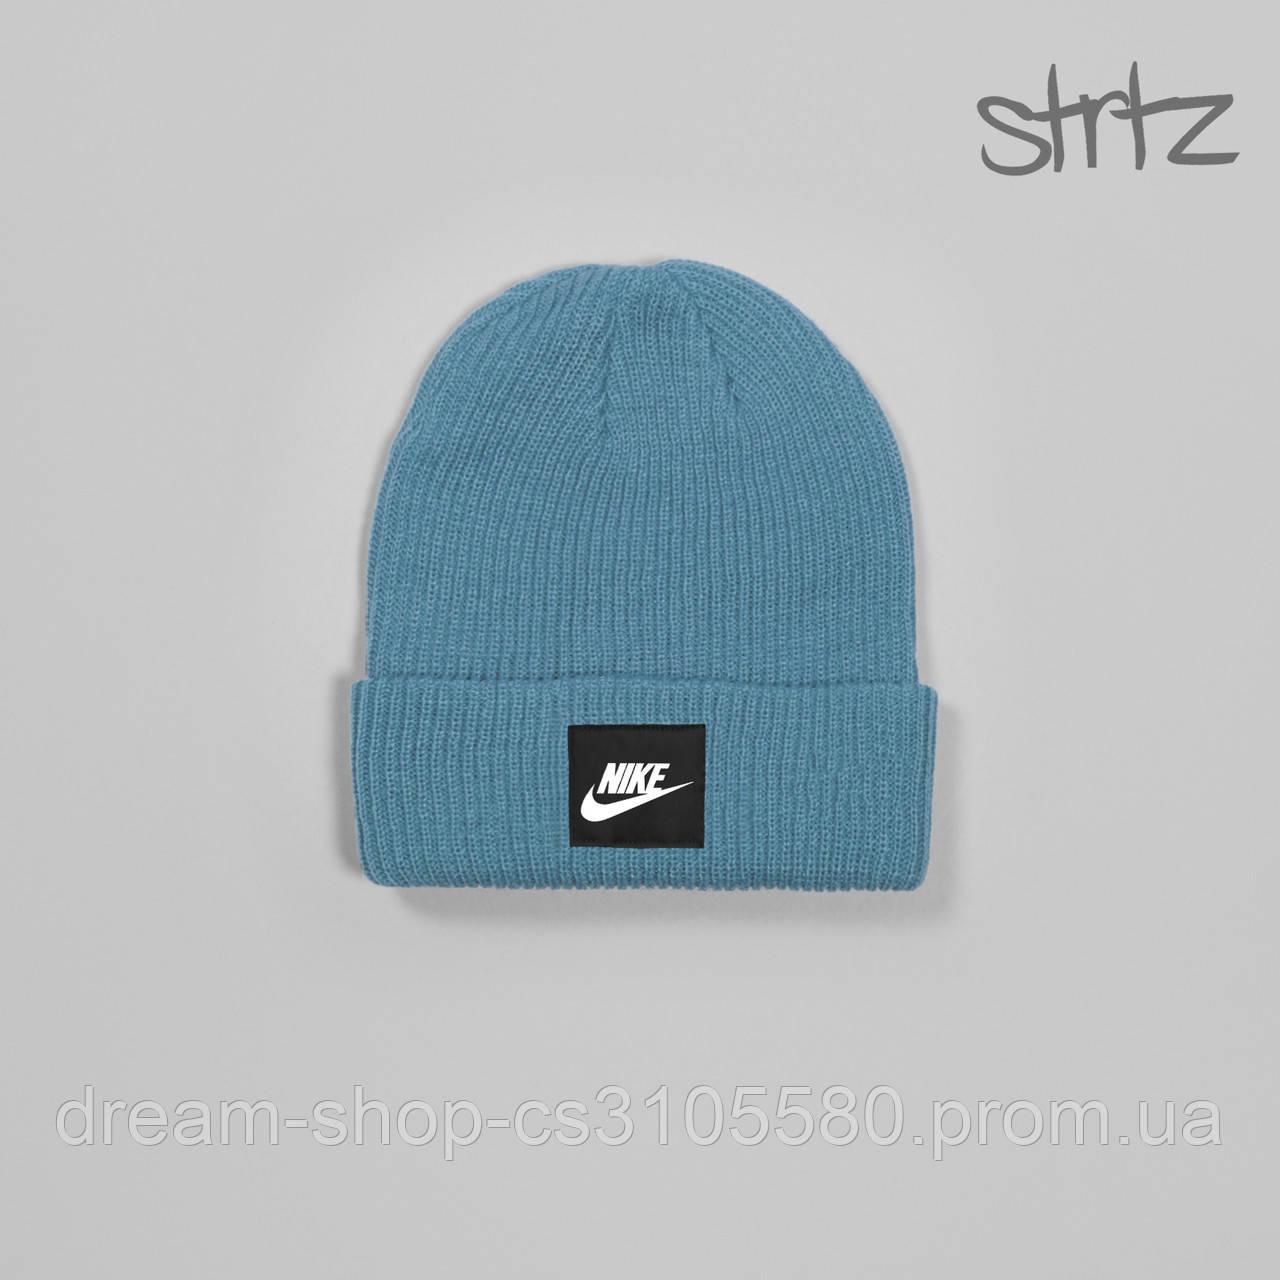 Шапка Найк (Nike) демисезон (осінь-зима)